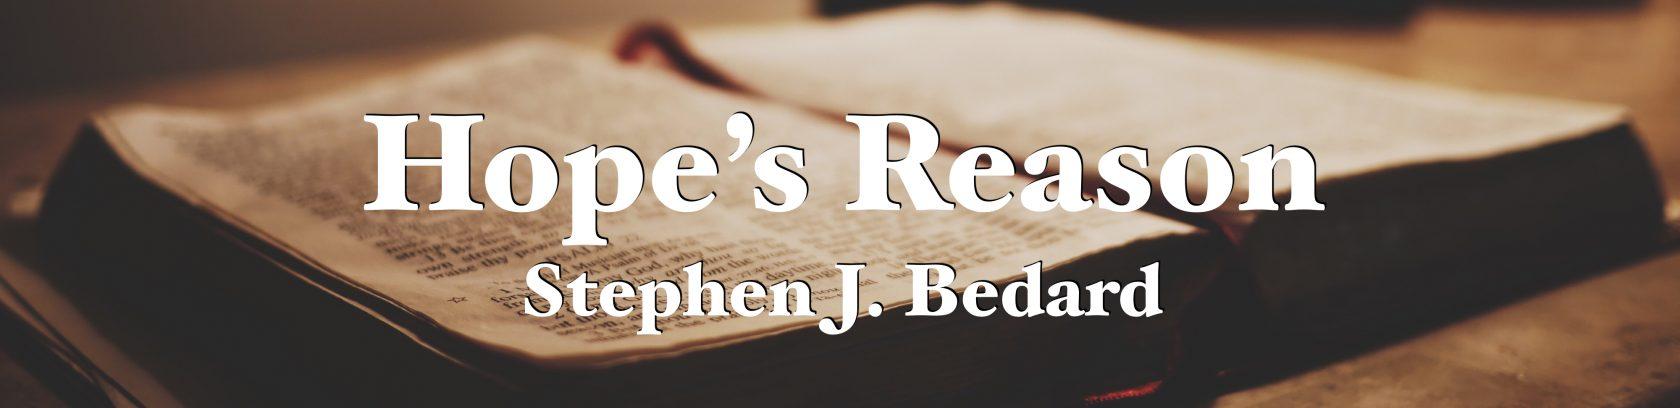 Stephen Bedard